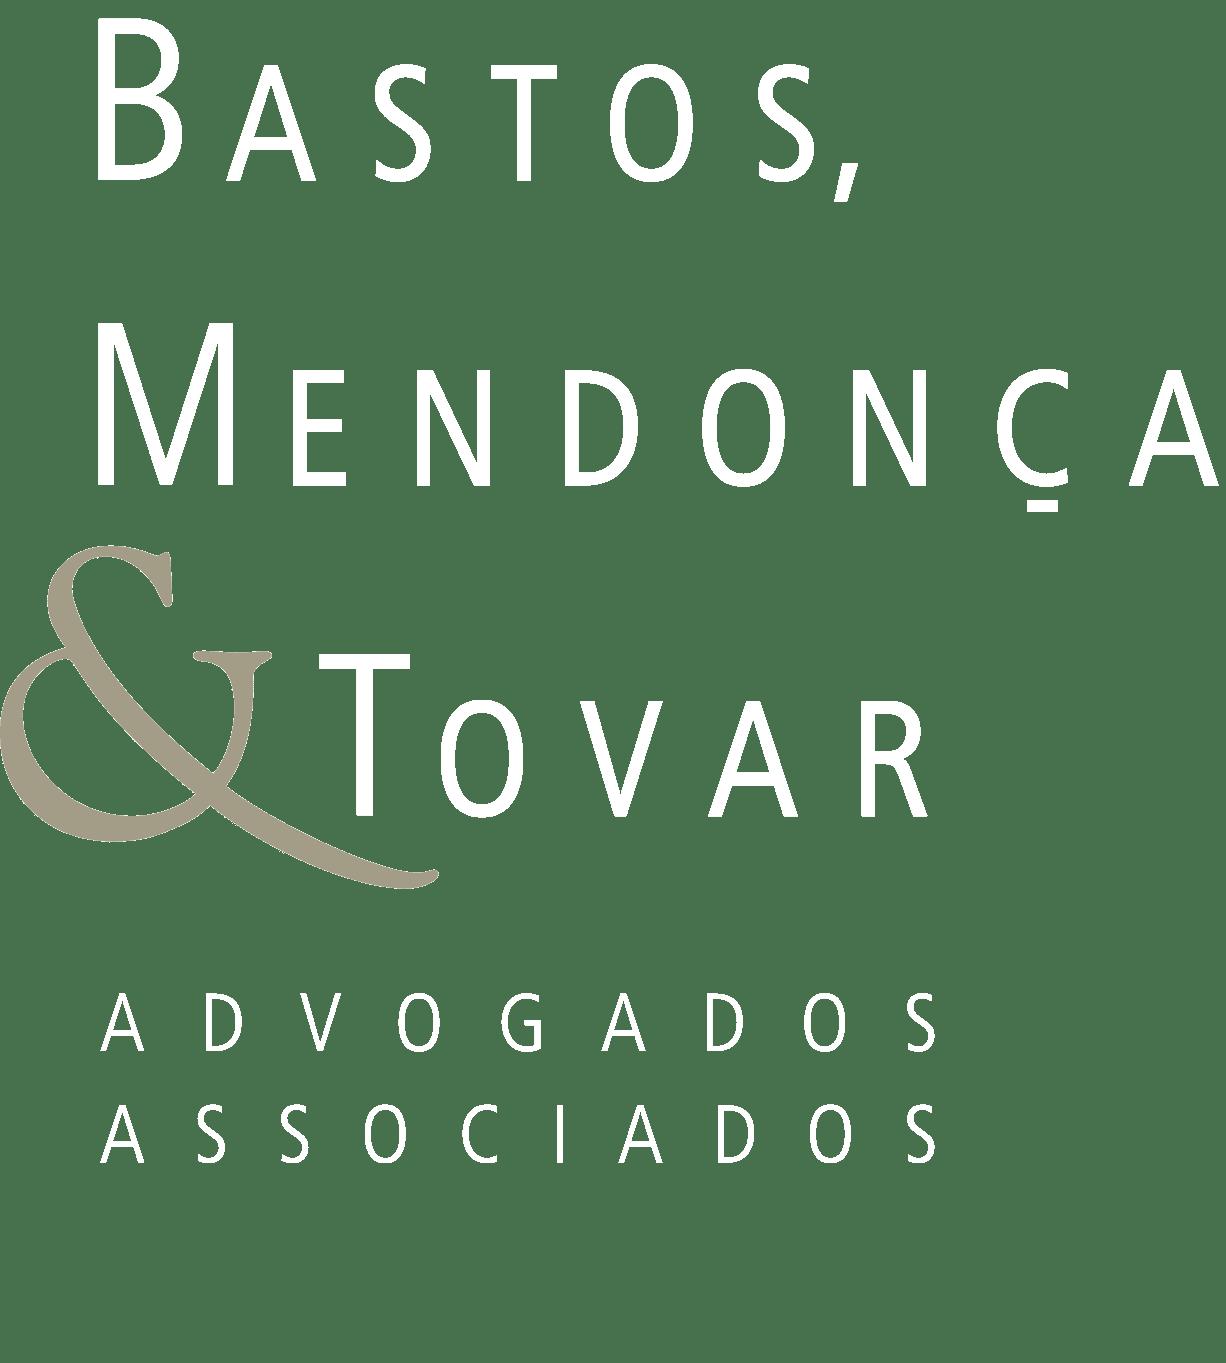 Bastos, Mendonça & Tovar Advogados Associados